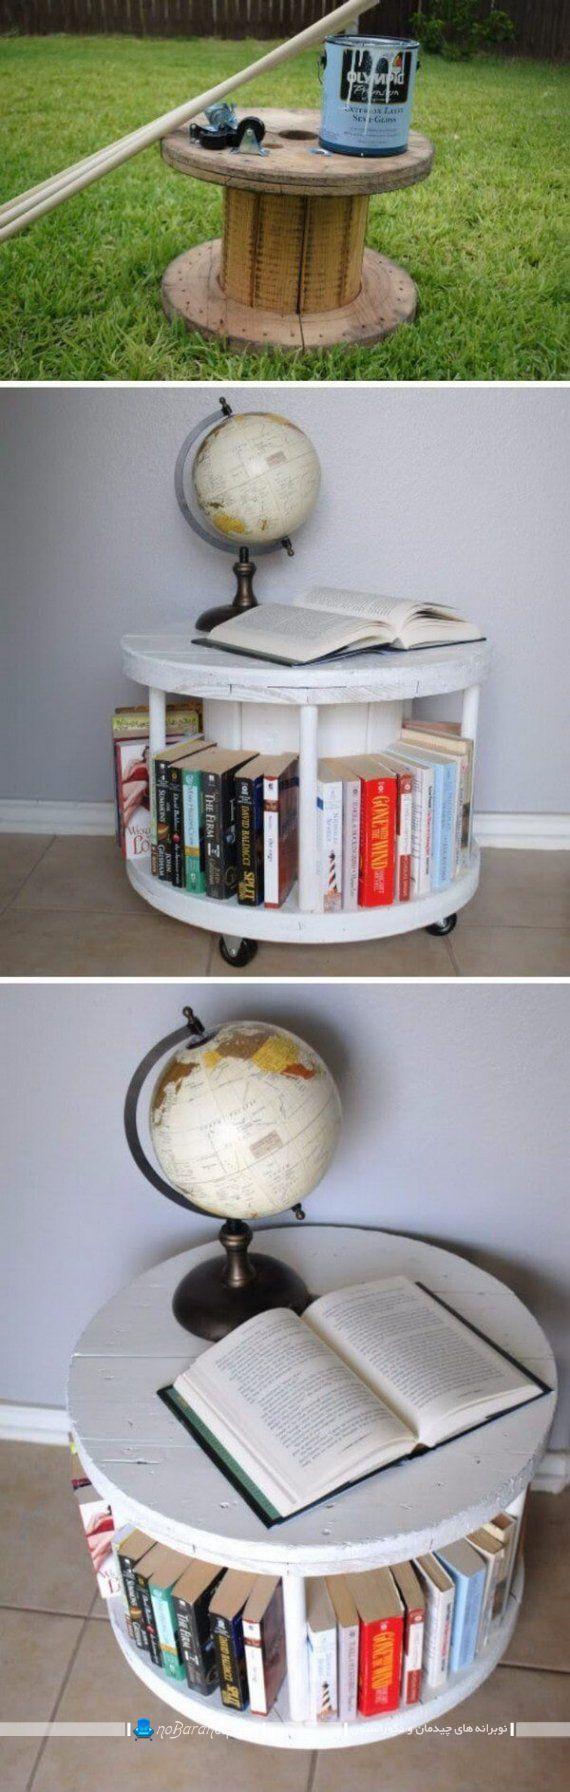 تبدیل قرقره کابل برق به کتابخانه چوبی ارزان قیمت